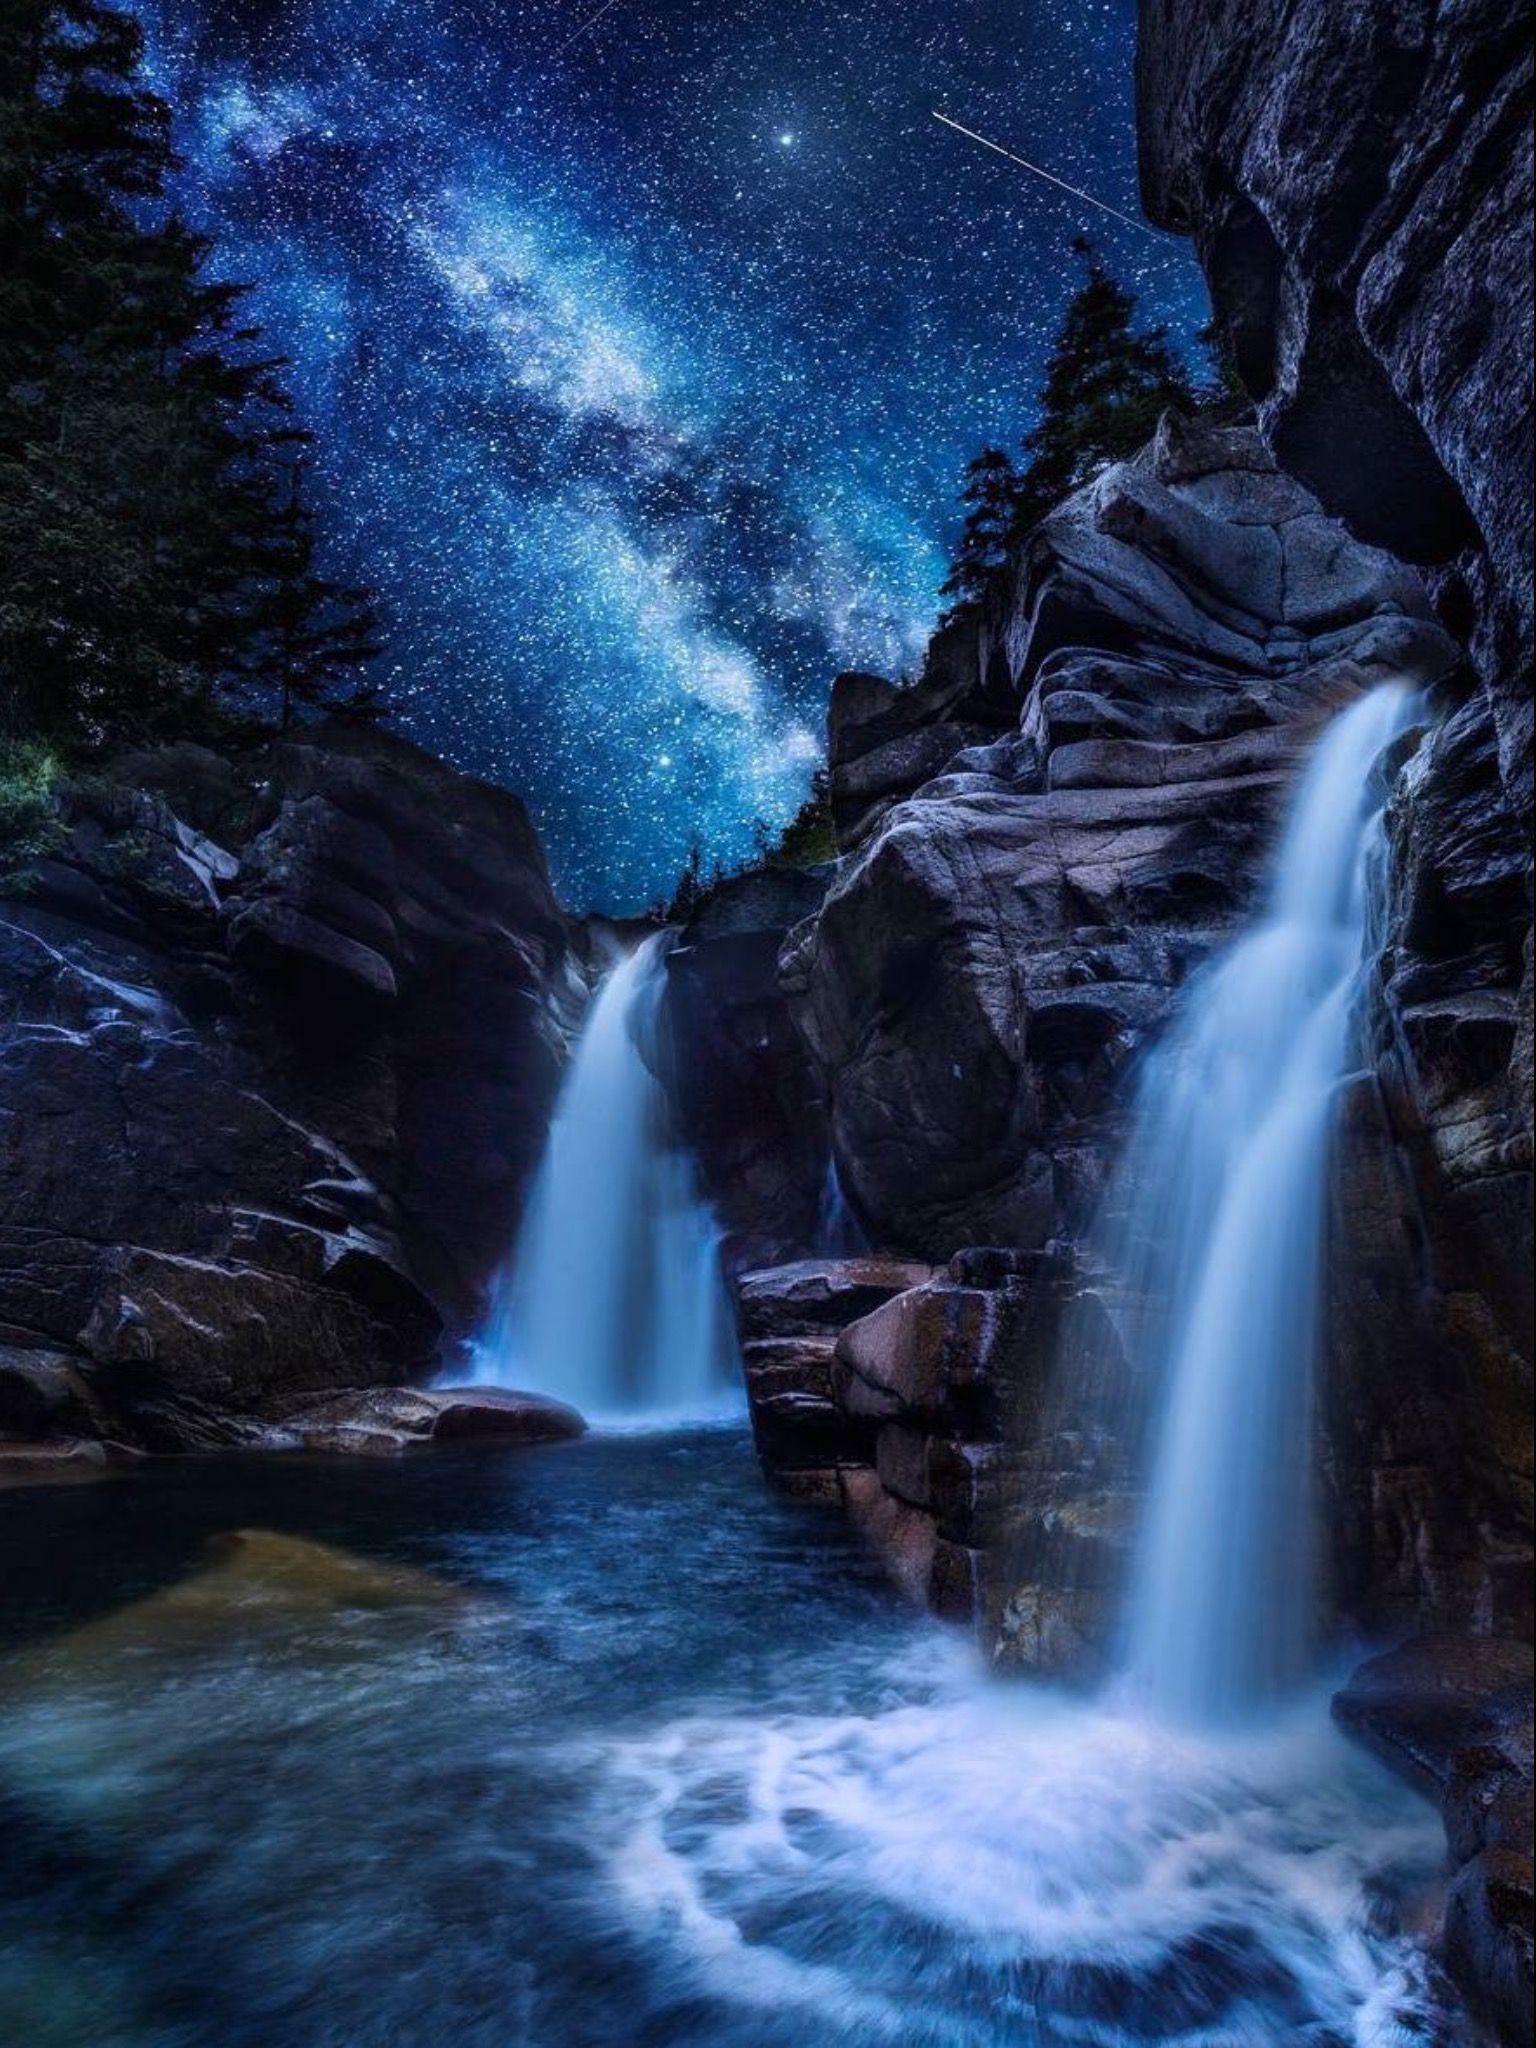 Hình ảnh thác nước đẹp nhìn là mê